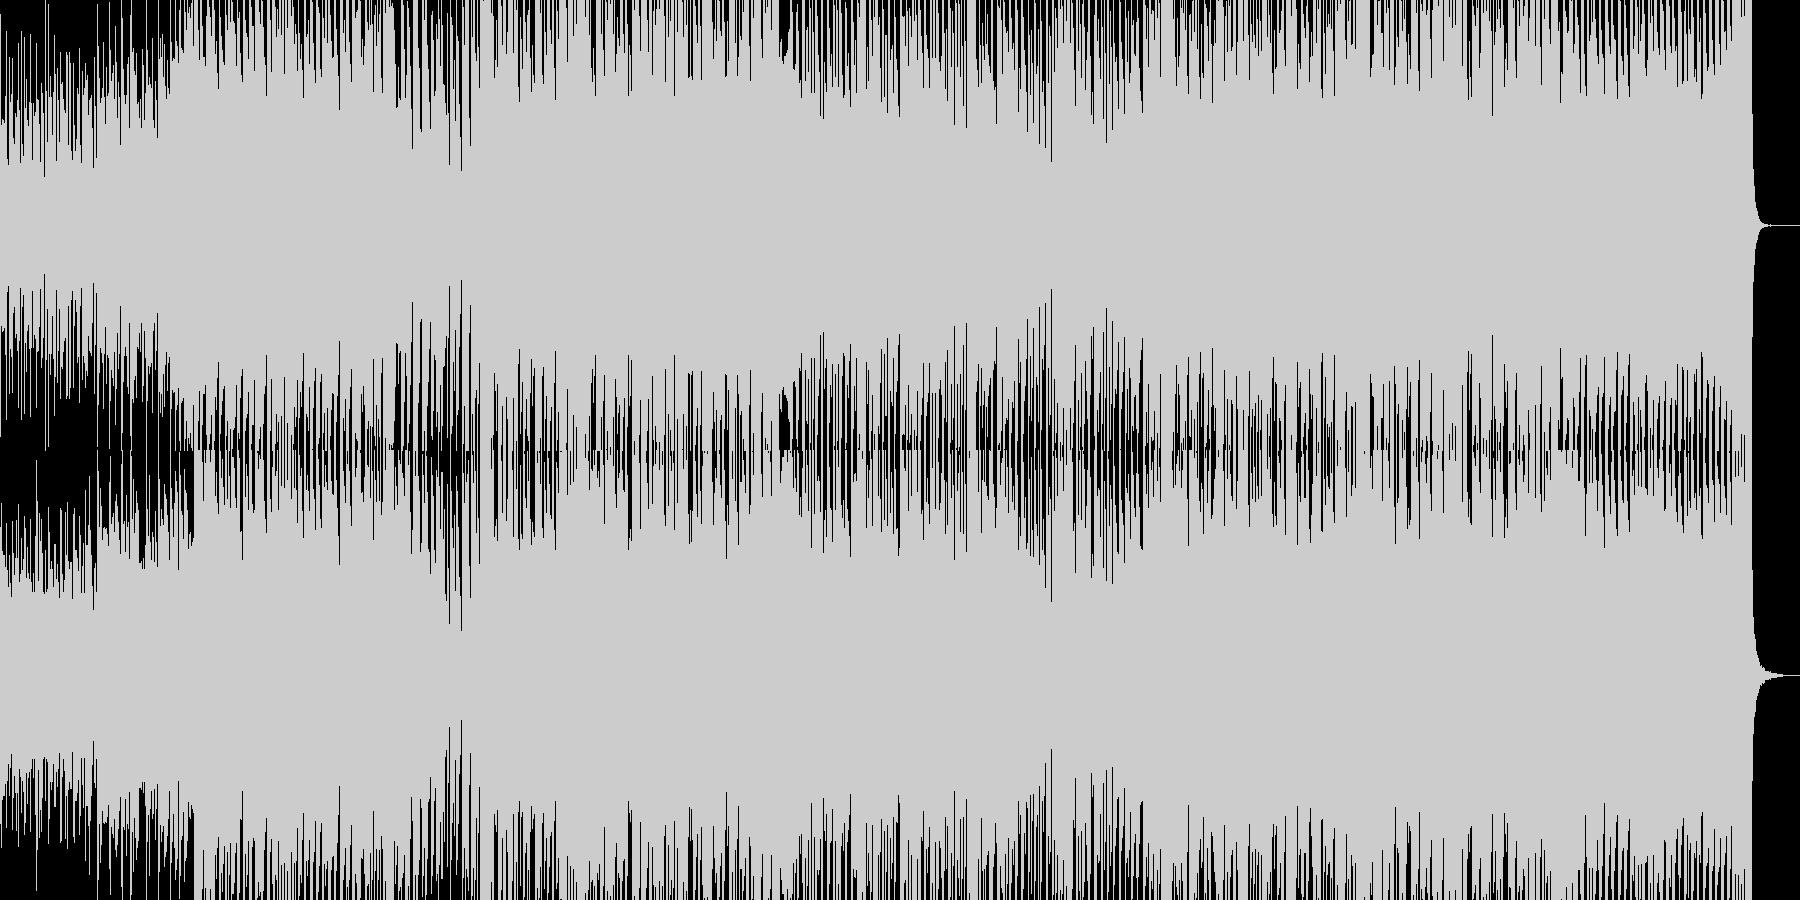 明るく弾けた中に優しい雰囲気のポップス曲の未再生の波形